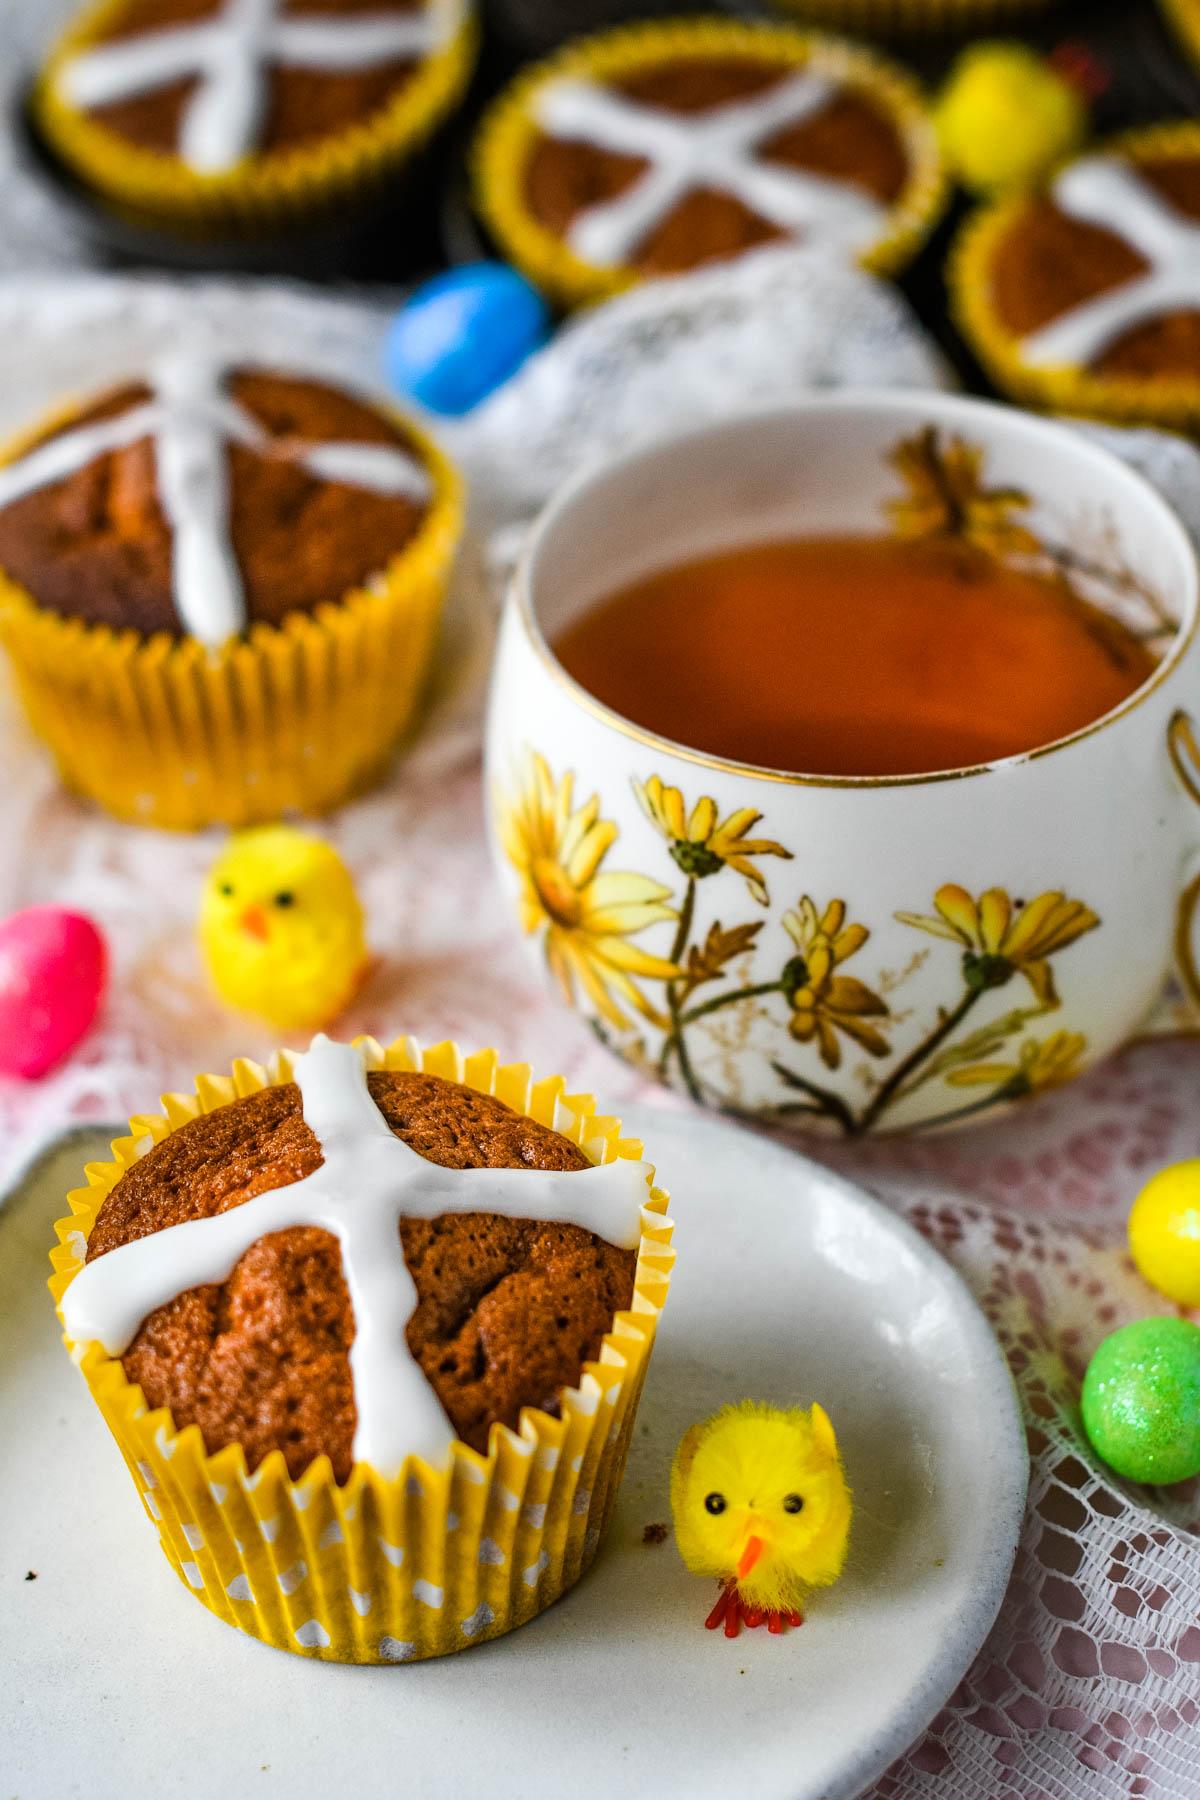 hot cross bun cupcakes with cup of tea